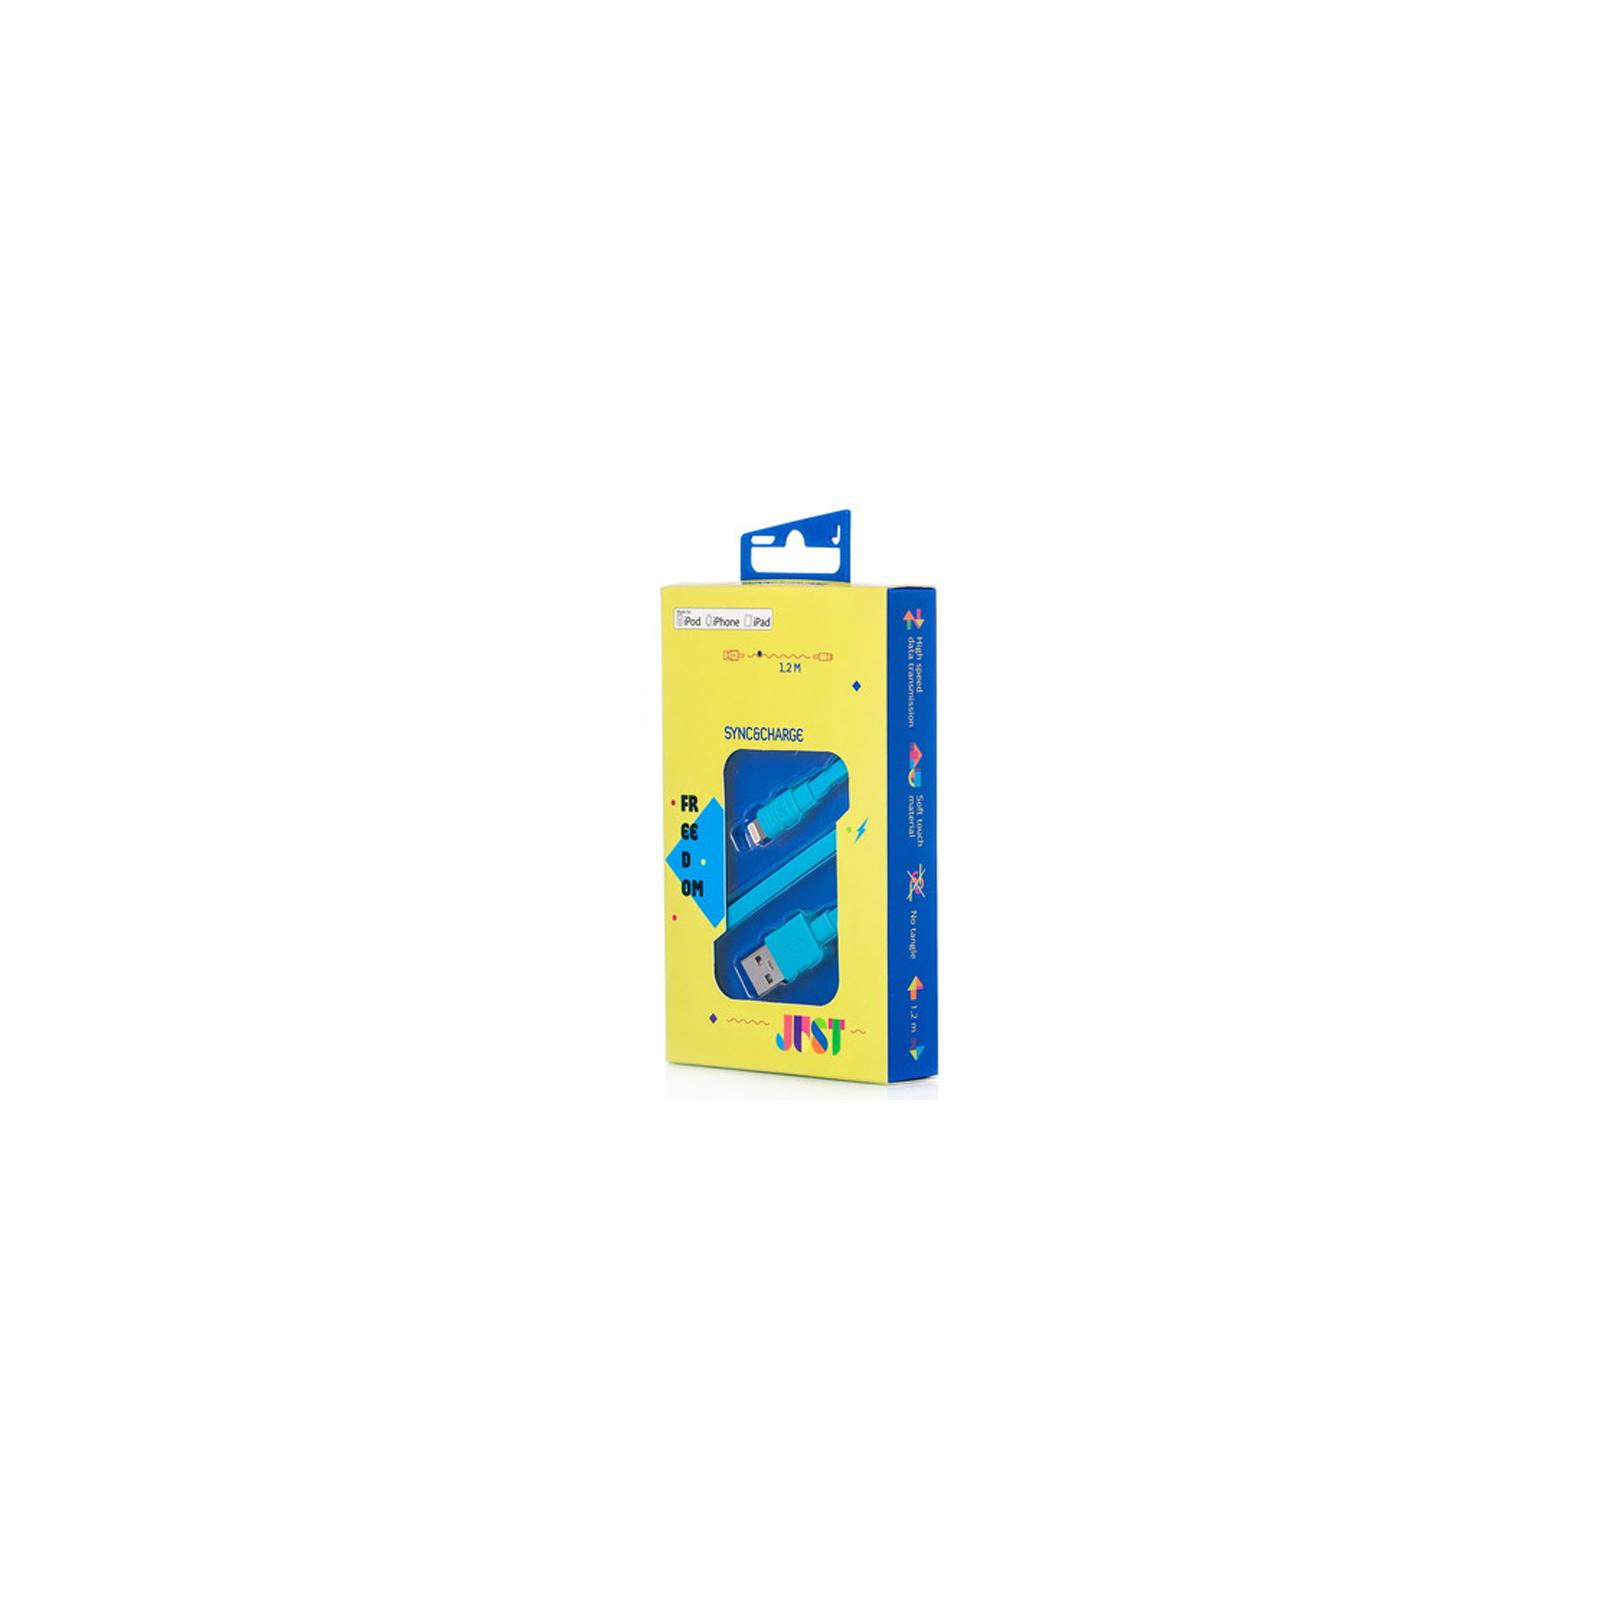 Дата кабель JUST Freedom Lightning USB Cable Blue (LGTNG-FRDM-BL) изображение 3